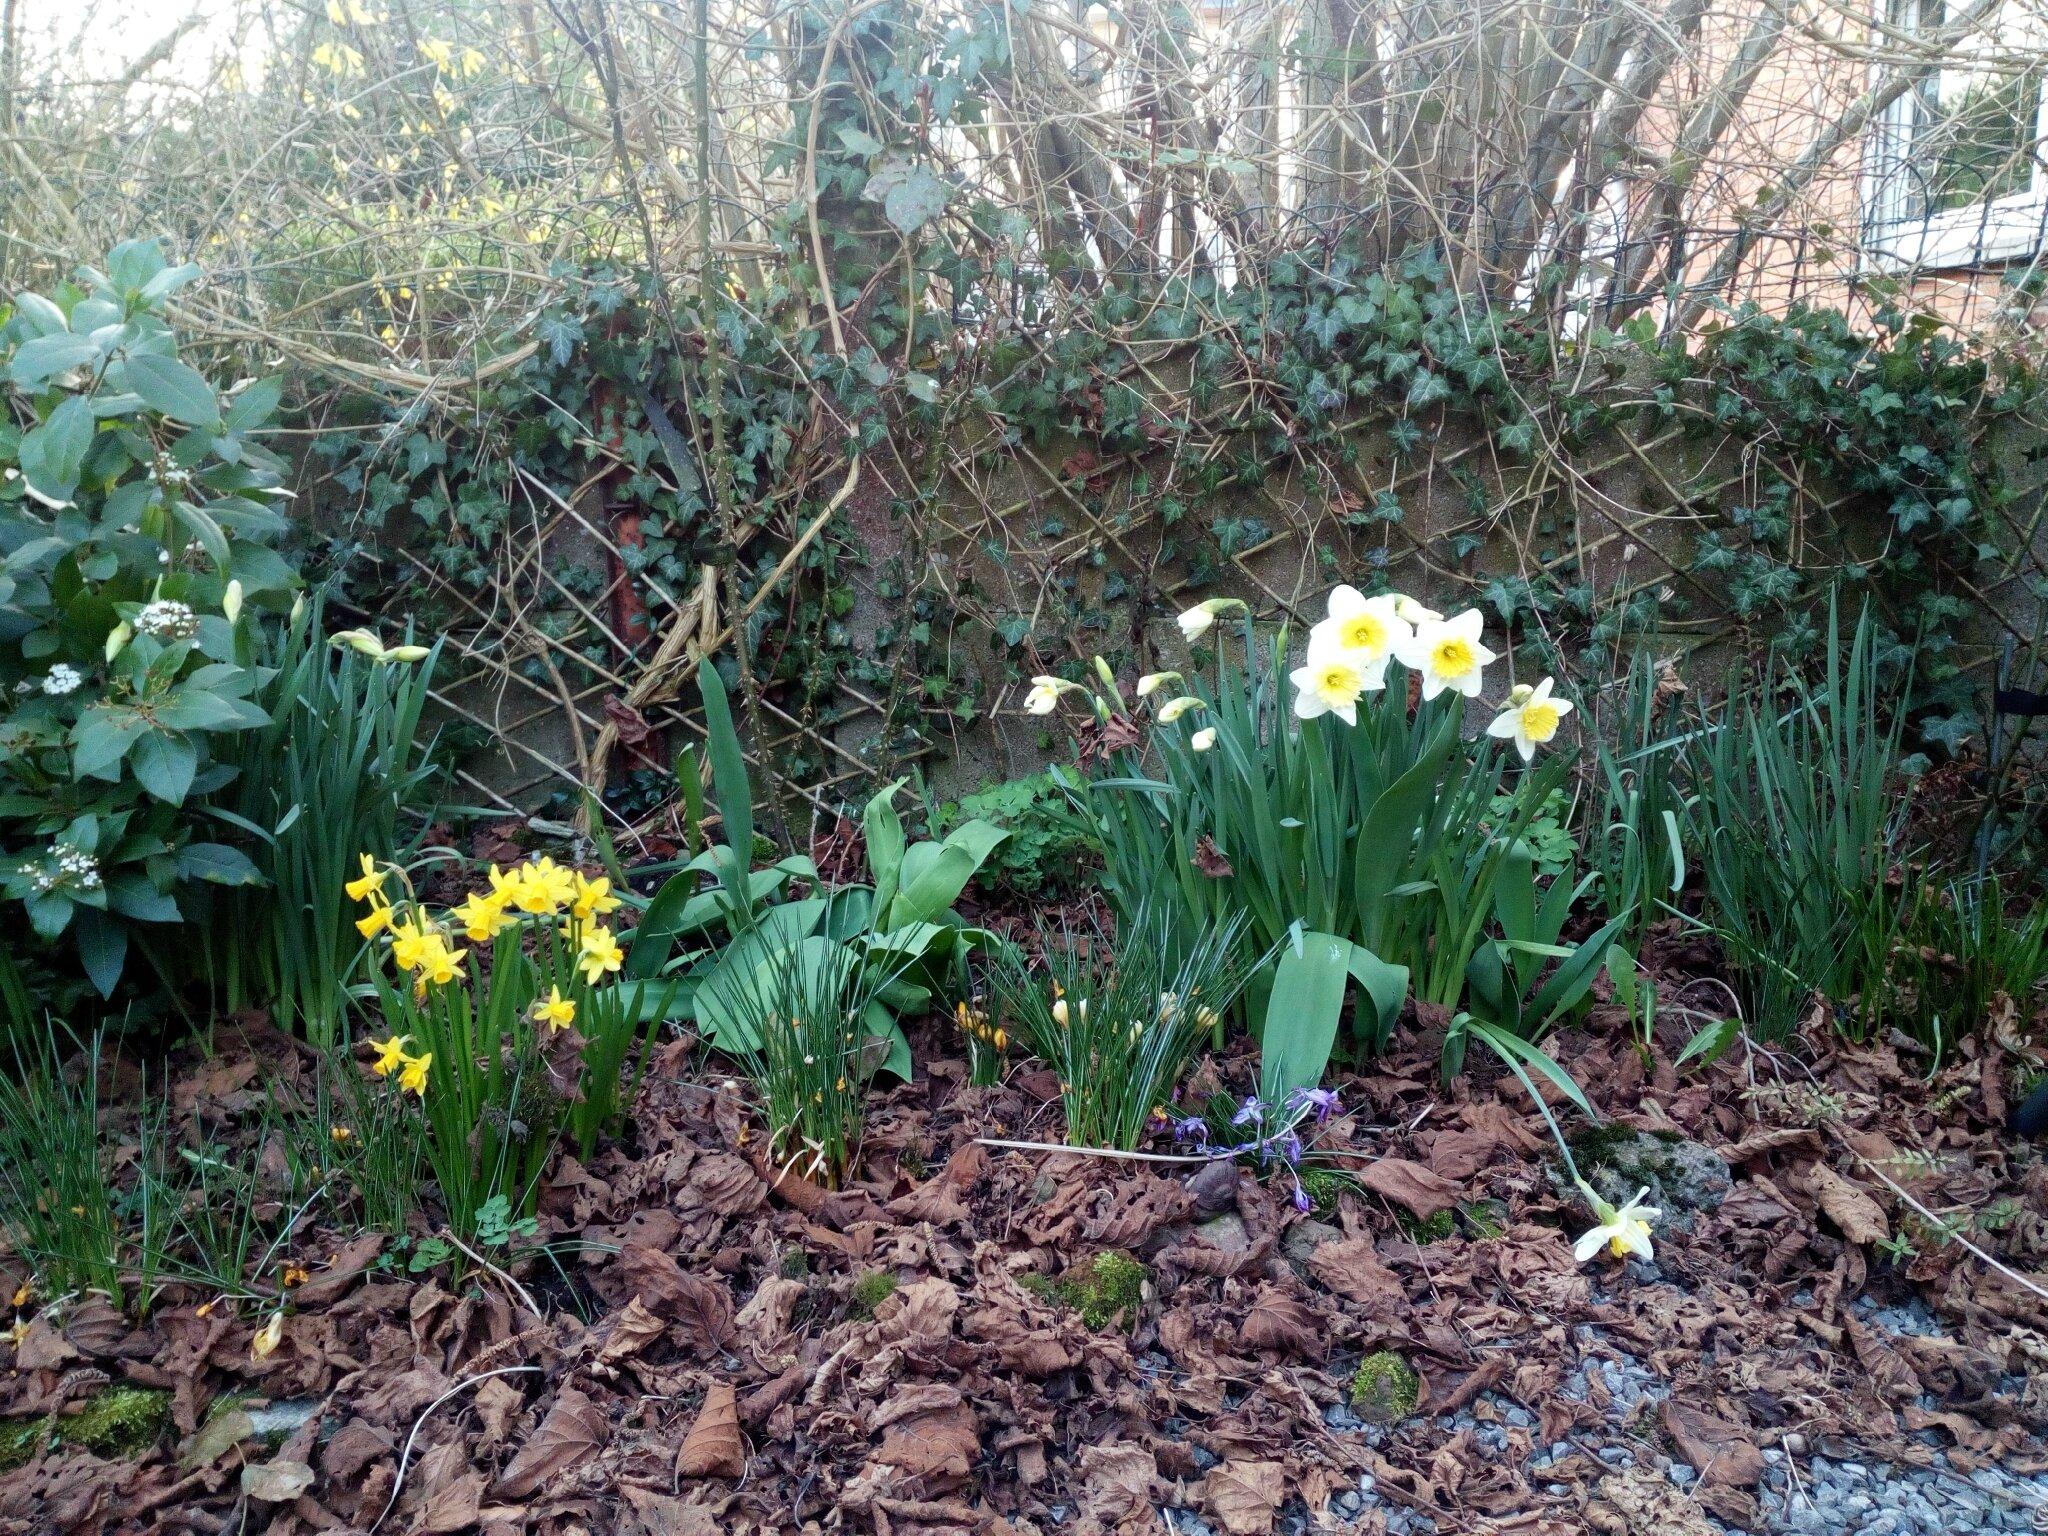 Printemps en vue et nettoyage dans mes revues pascale for Nettoyage jardin printemps